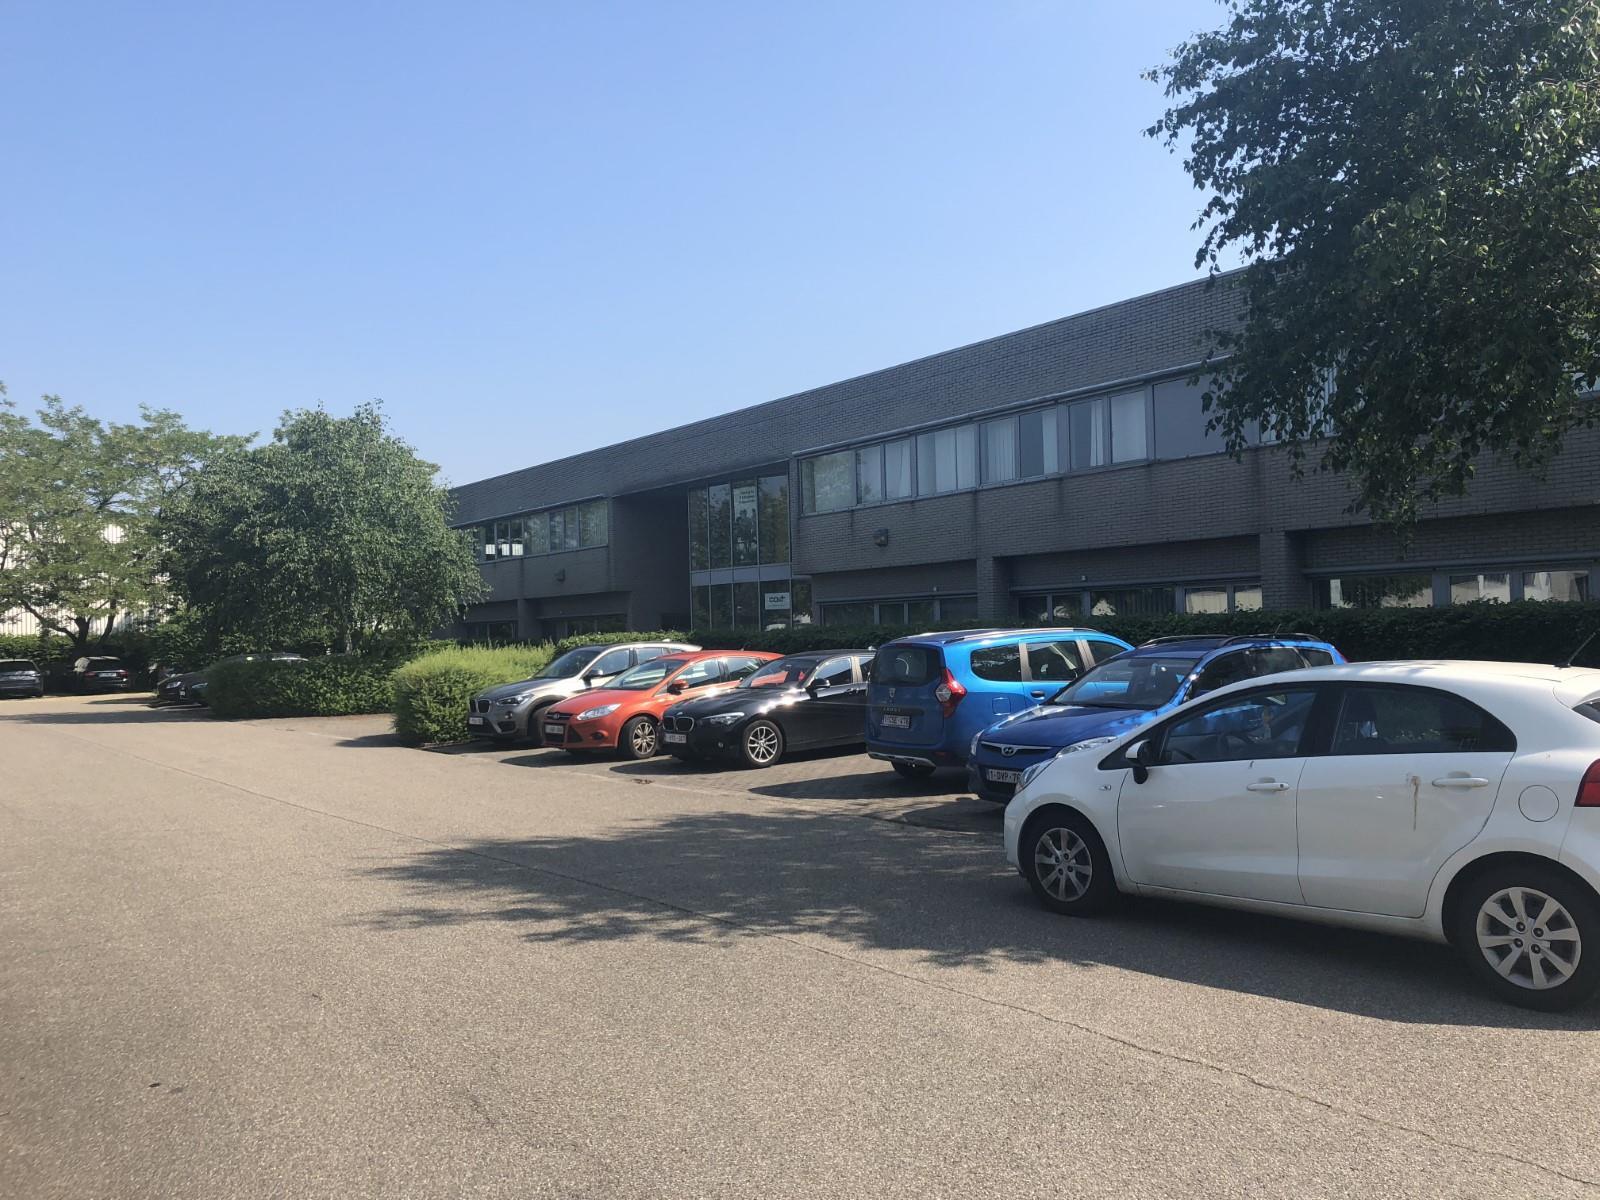 bedrijfsgebouw te huur I067TH - Zandvoortstraat 1, 2800 Mechelen, België 2